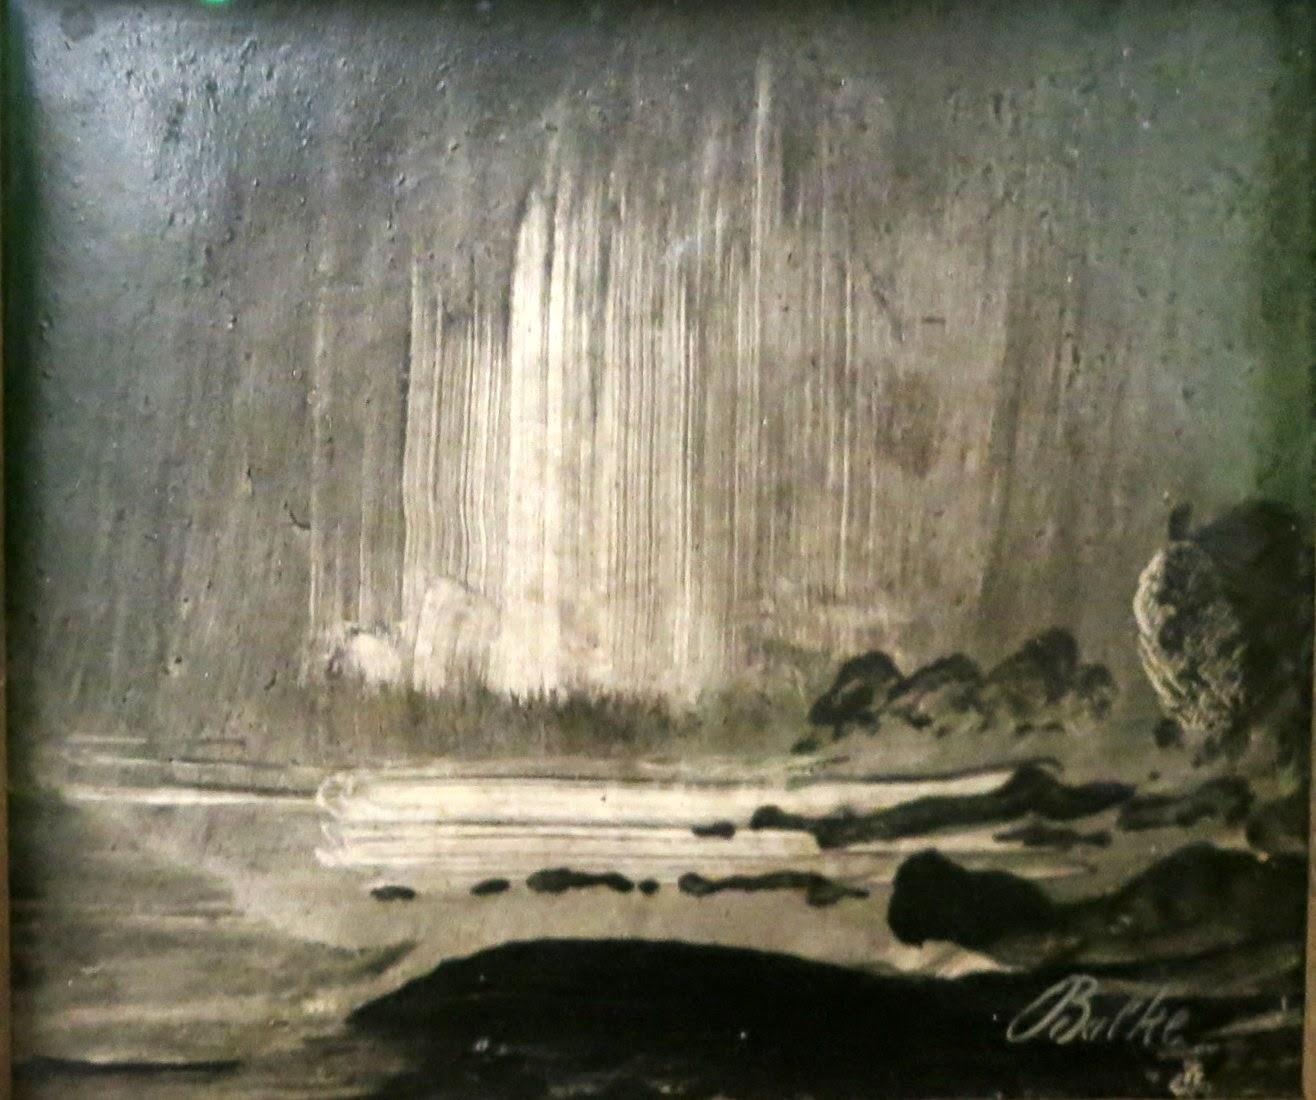 Norther Lights over Coastal Landscape, c. 1870, oil on panel, Peder Balke